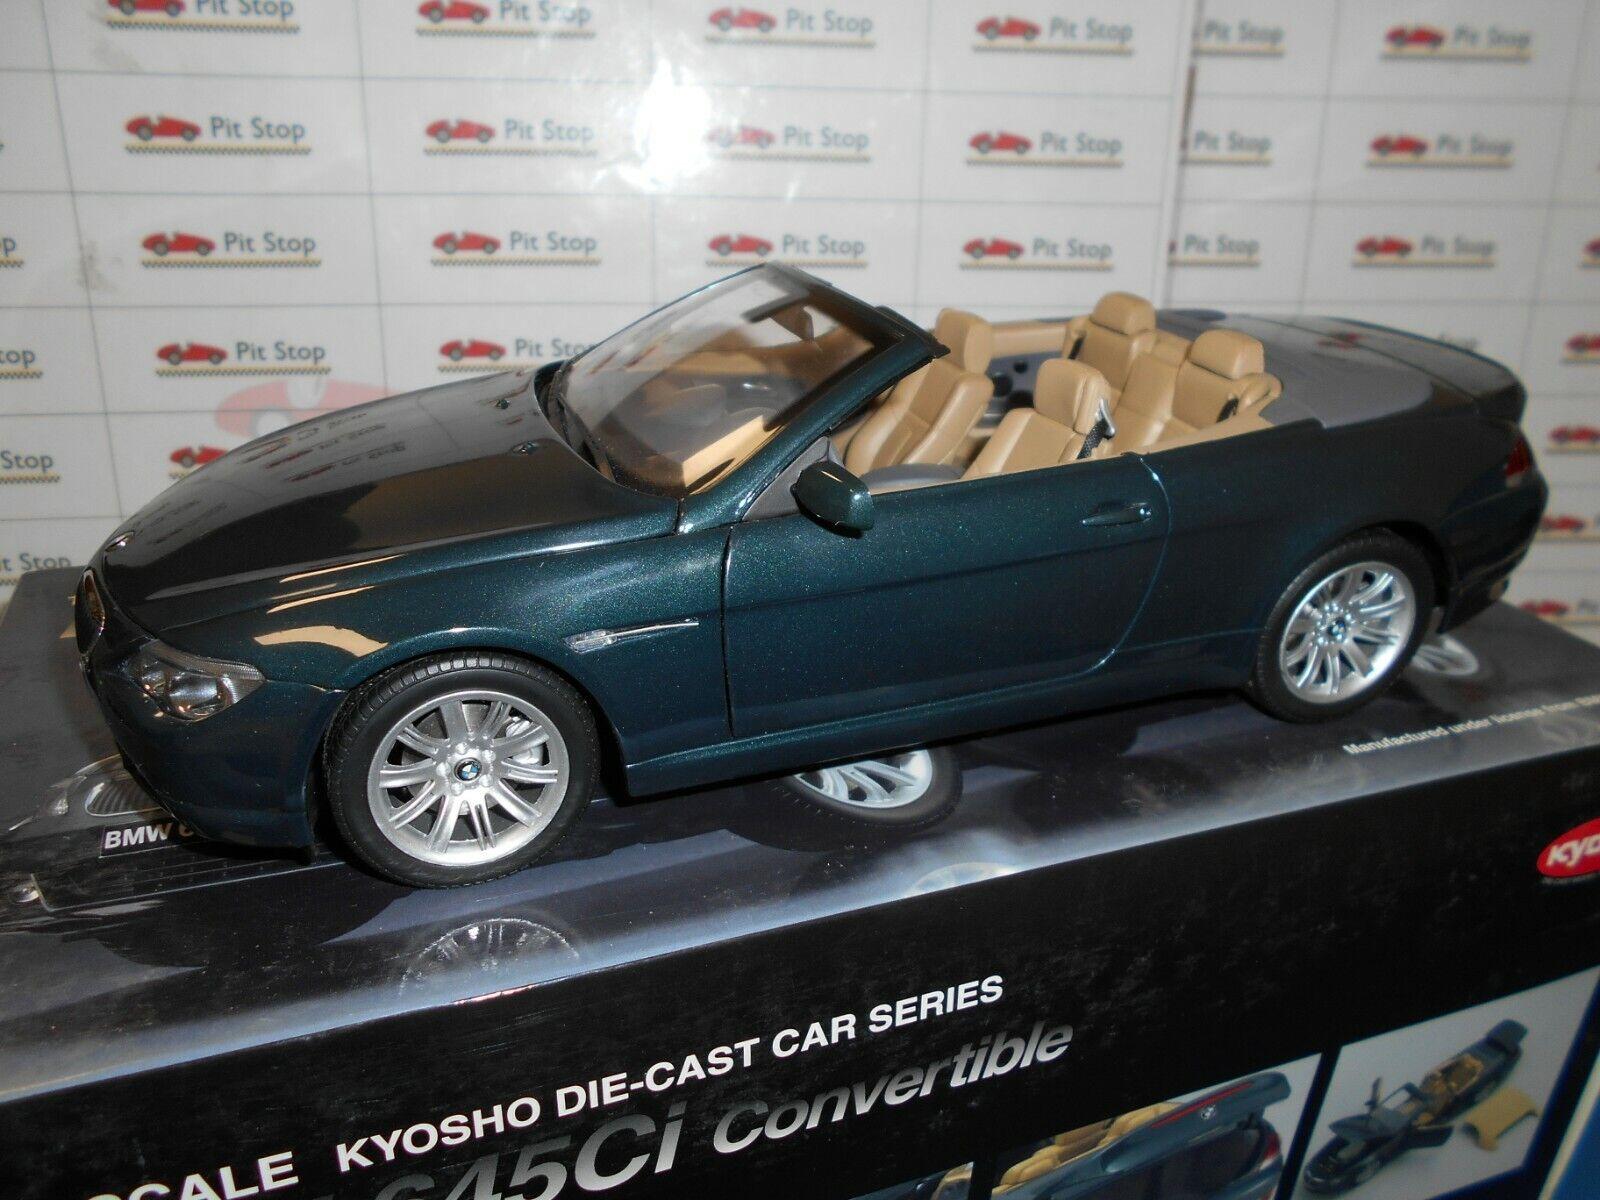 KYO08702DG by KYOSHO BMW 645CI CONverdeIBLE DARK verde MET. 1 18